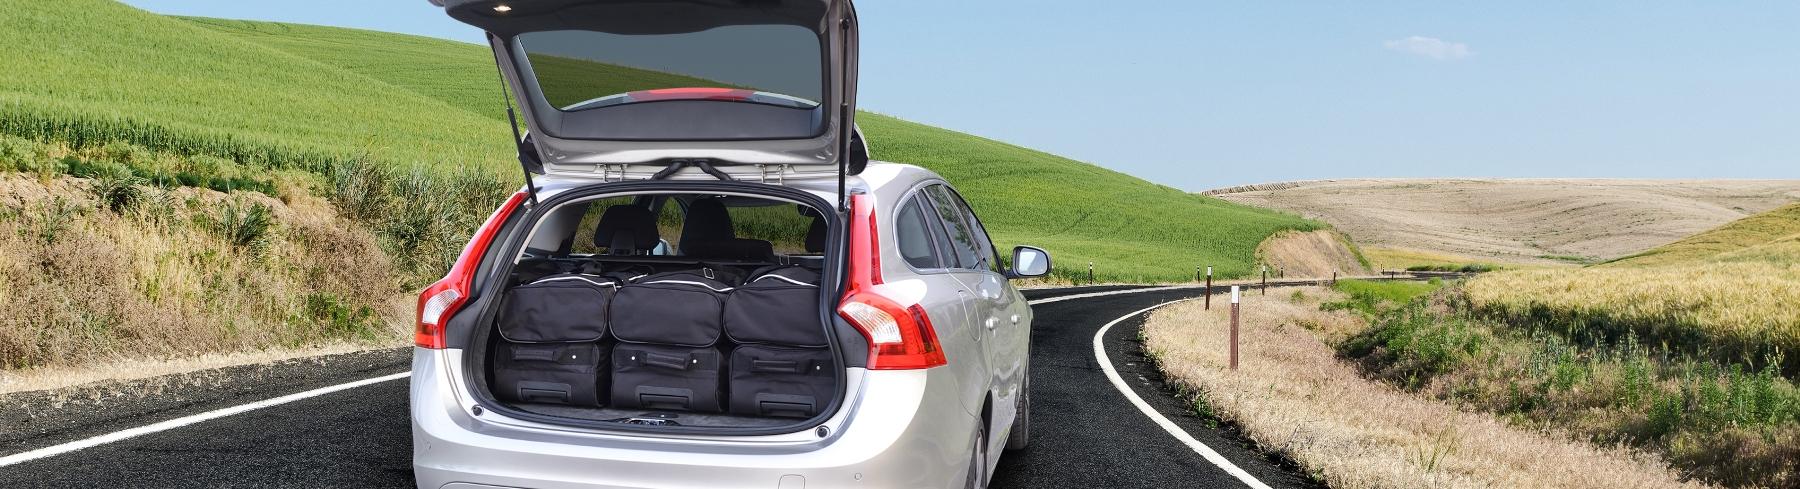 car-bags-concept-2-zomer